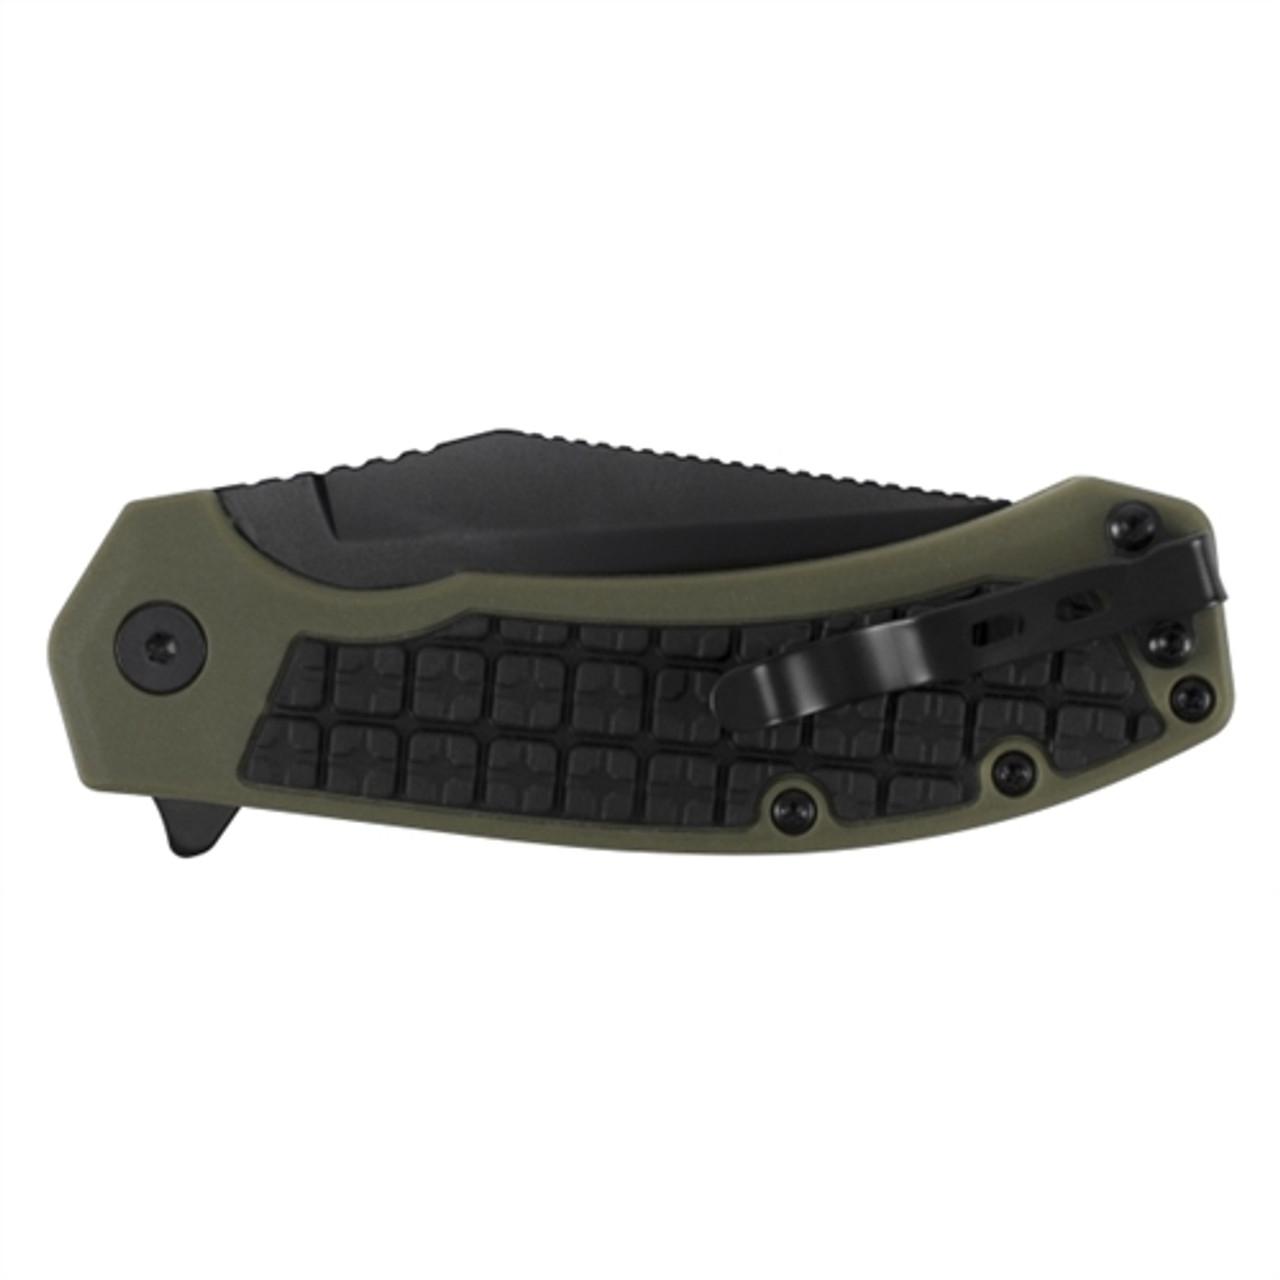 Kershaw 8760 OD Green/Black Faultline Flipper Knife, Black Blade